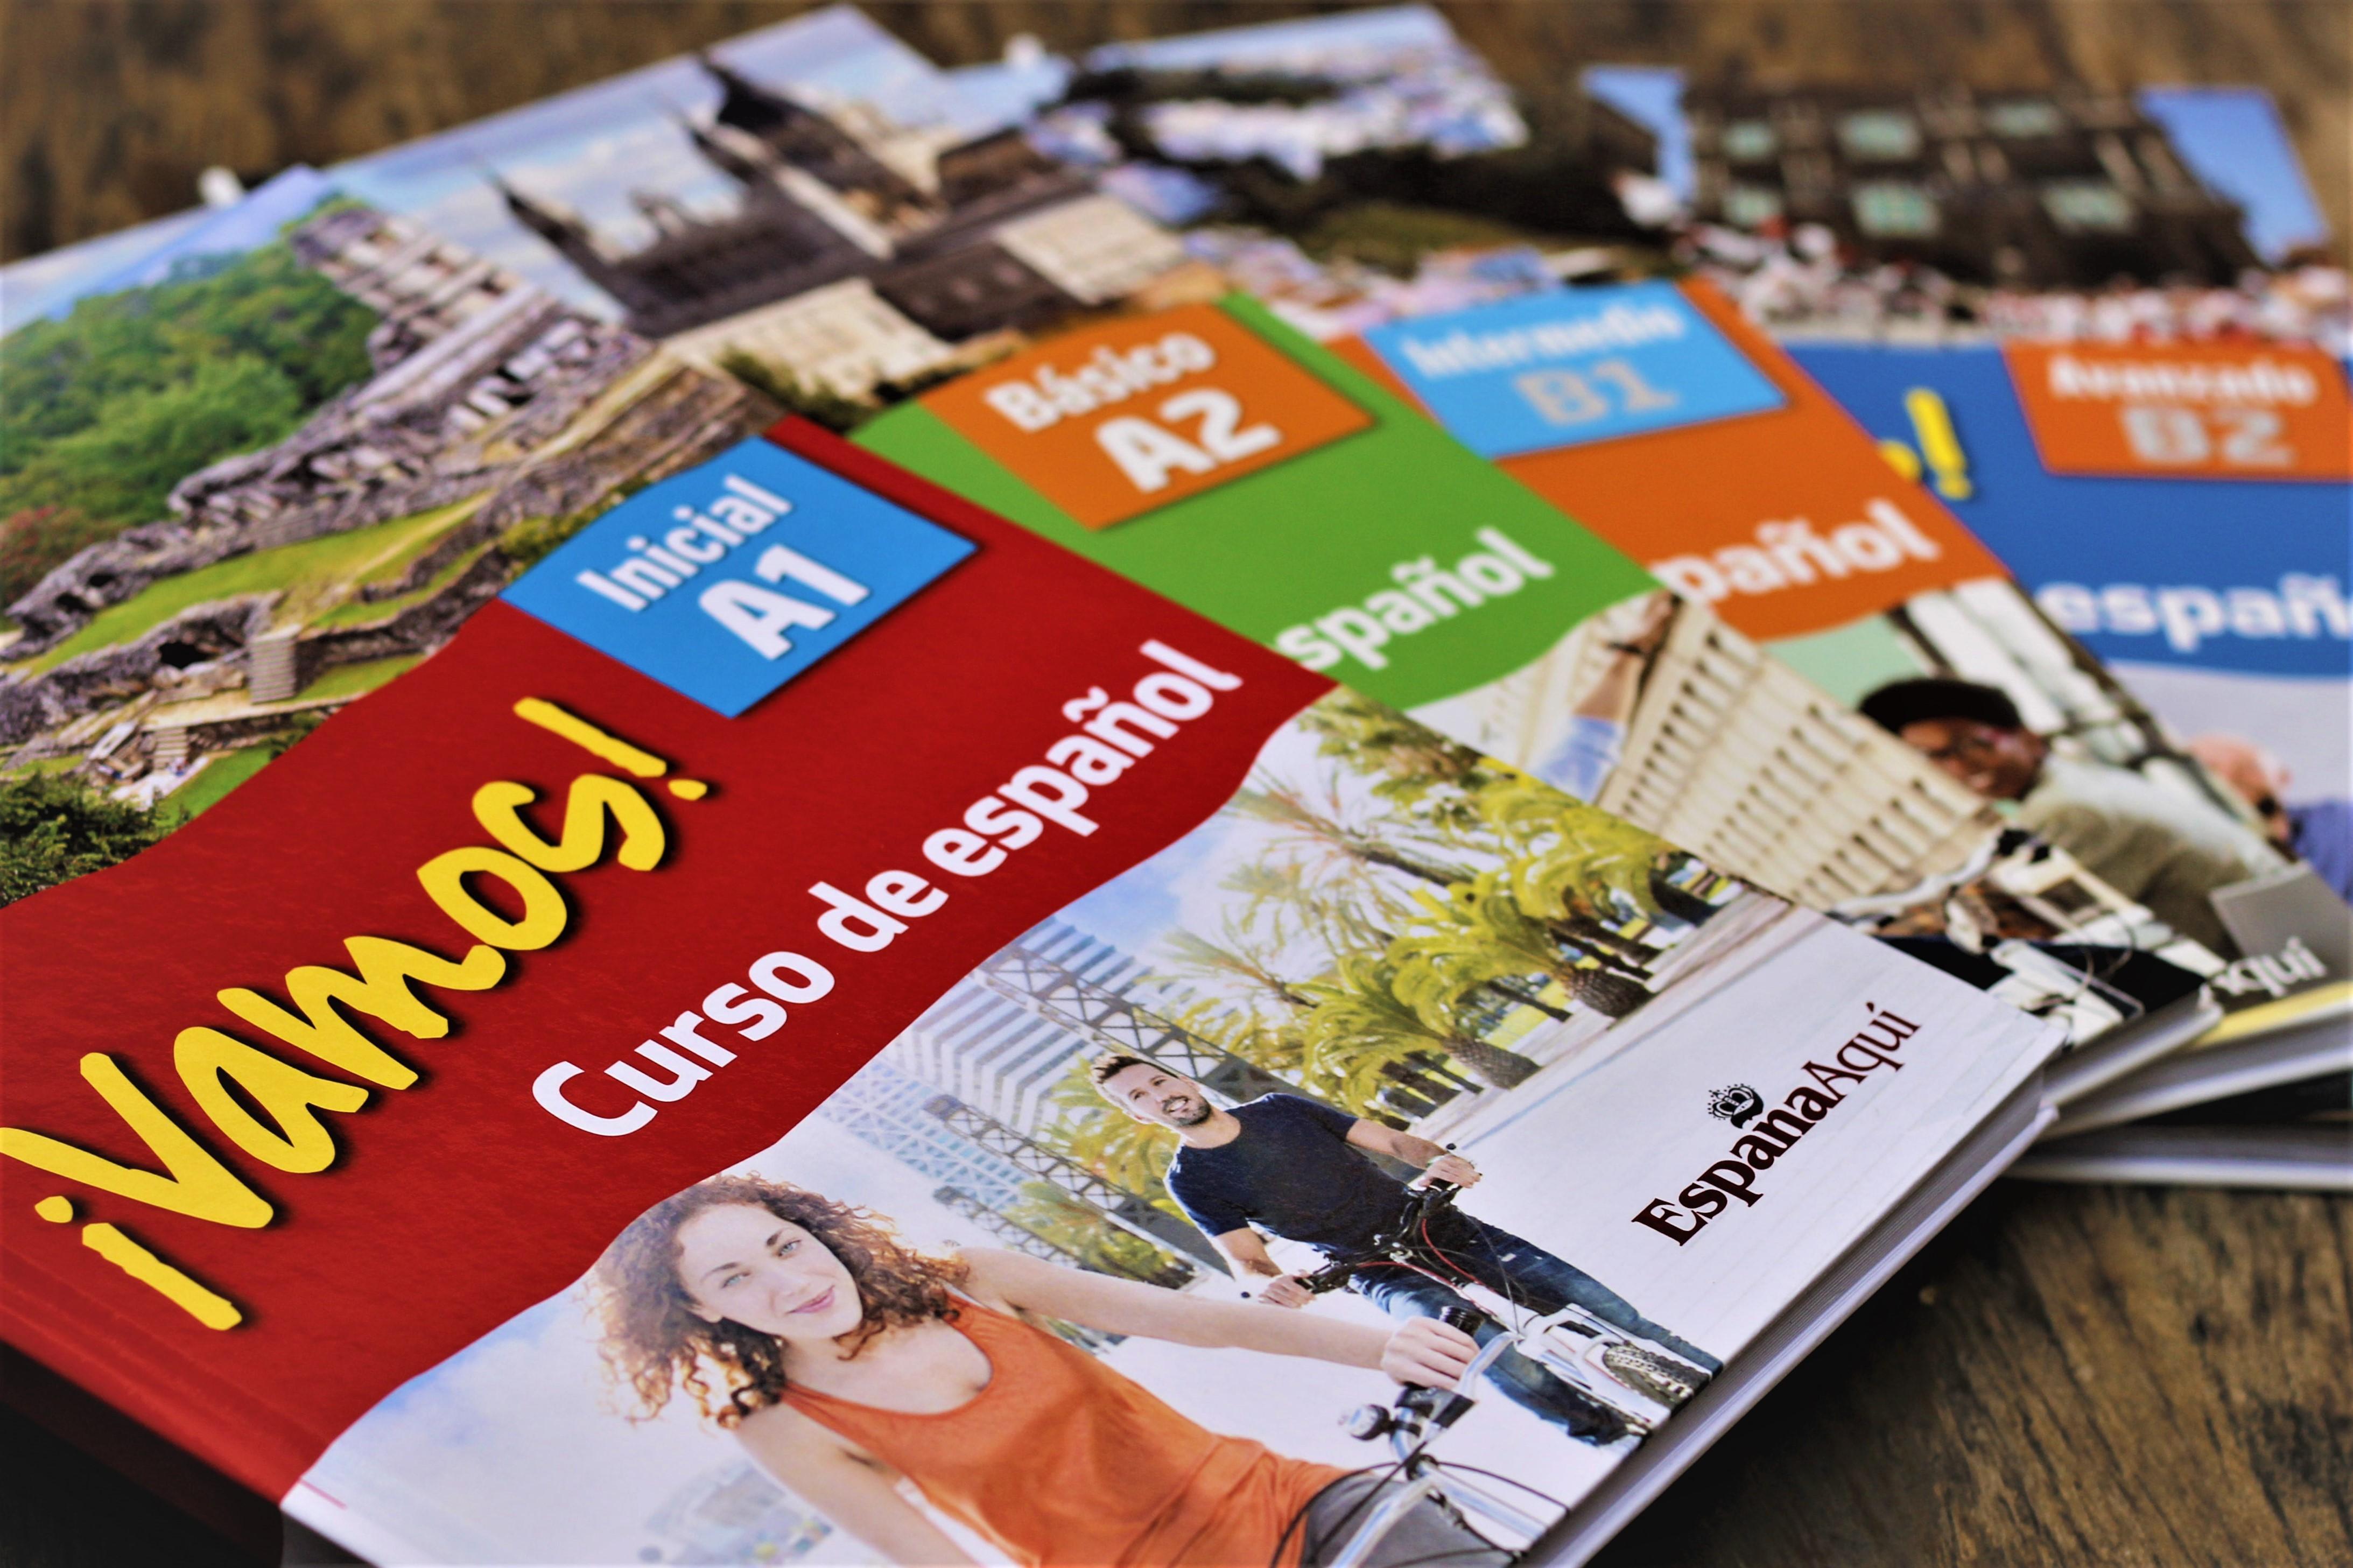 http://www.espanaaqui.com.br/pdf/Fotos/Fevereiro%202018/_MG_0318%20(2).jpg